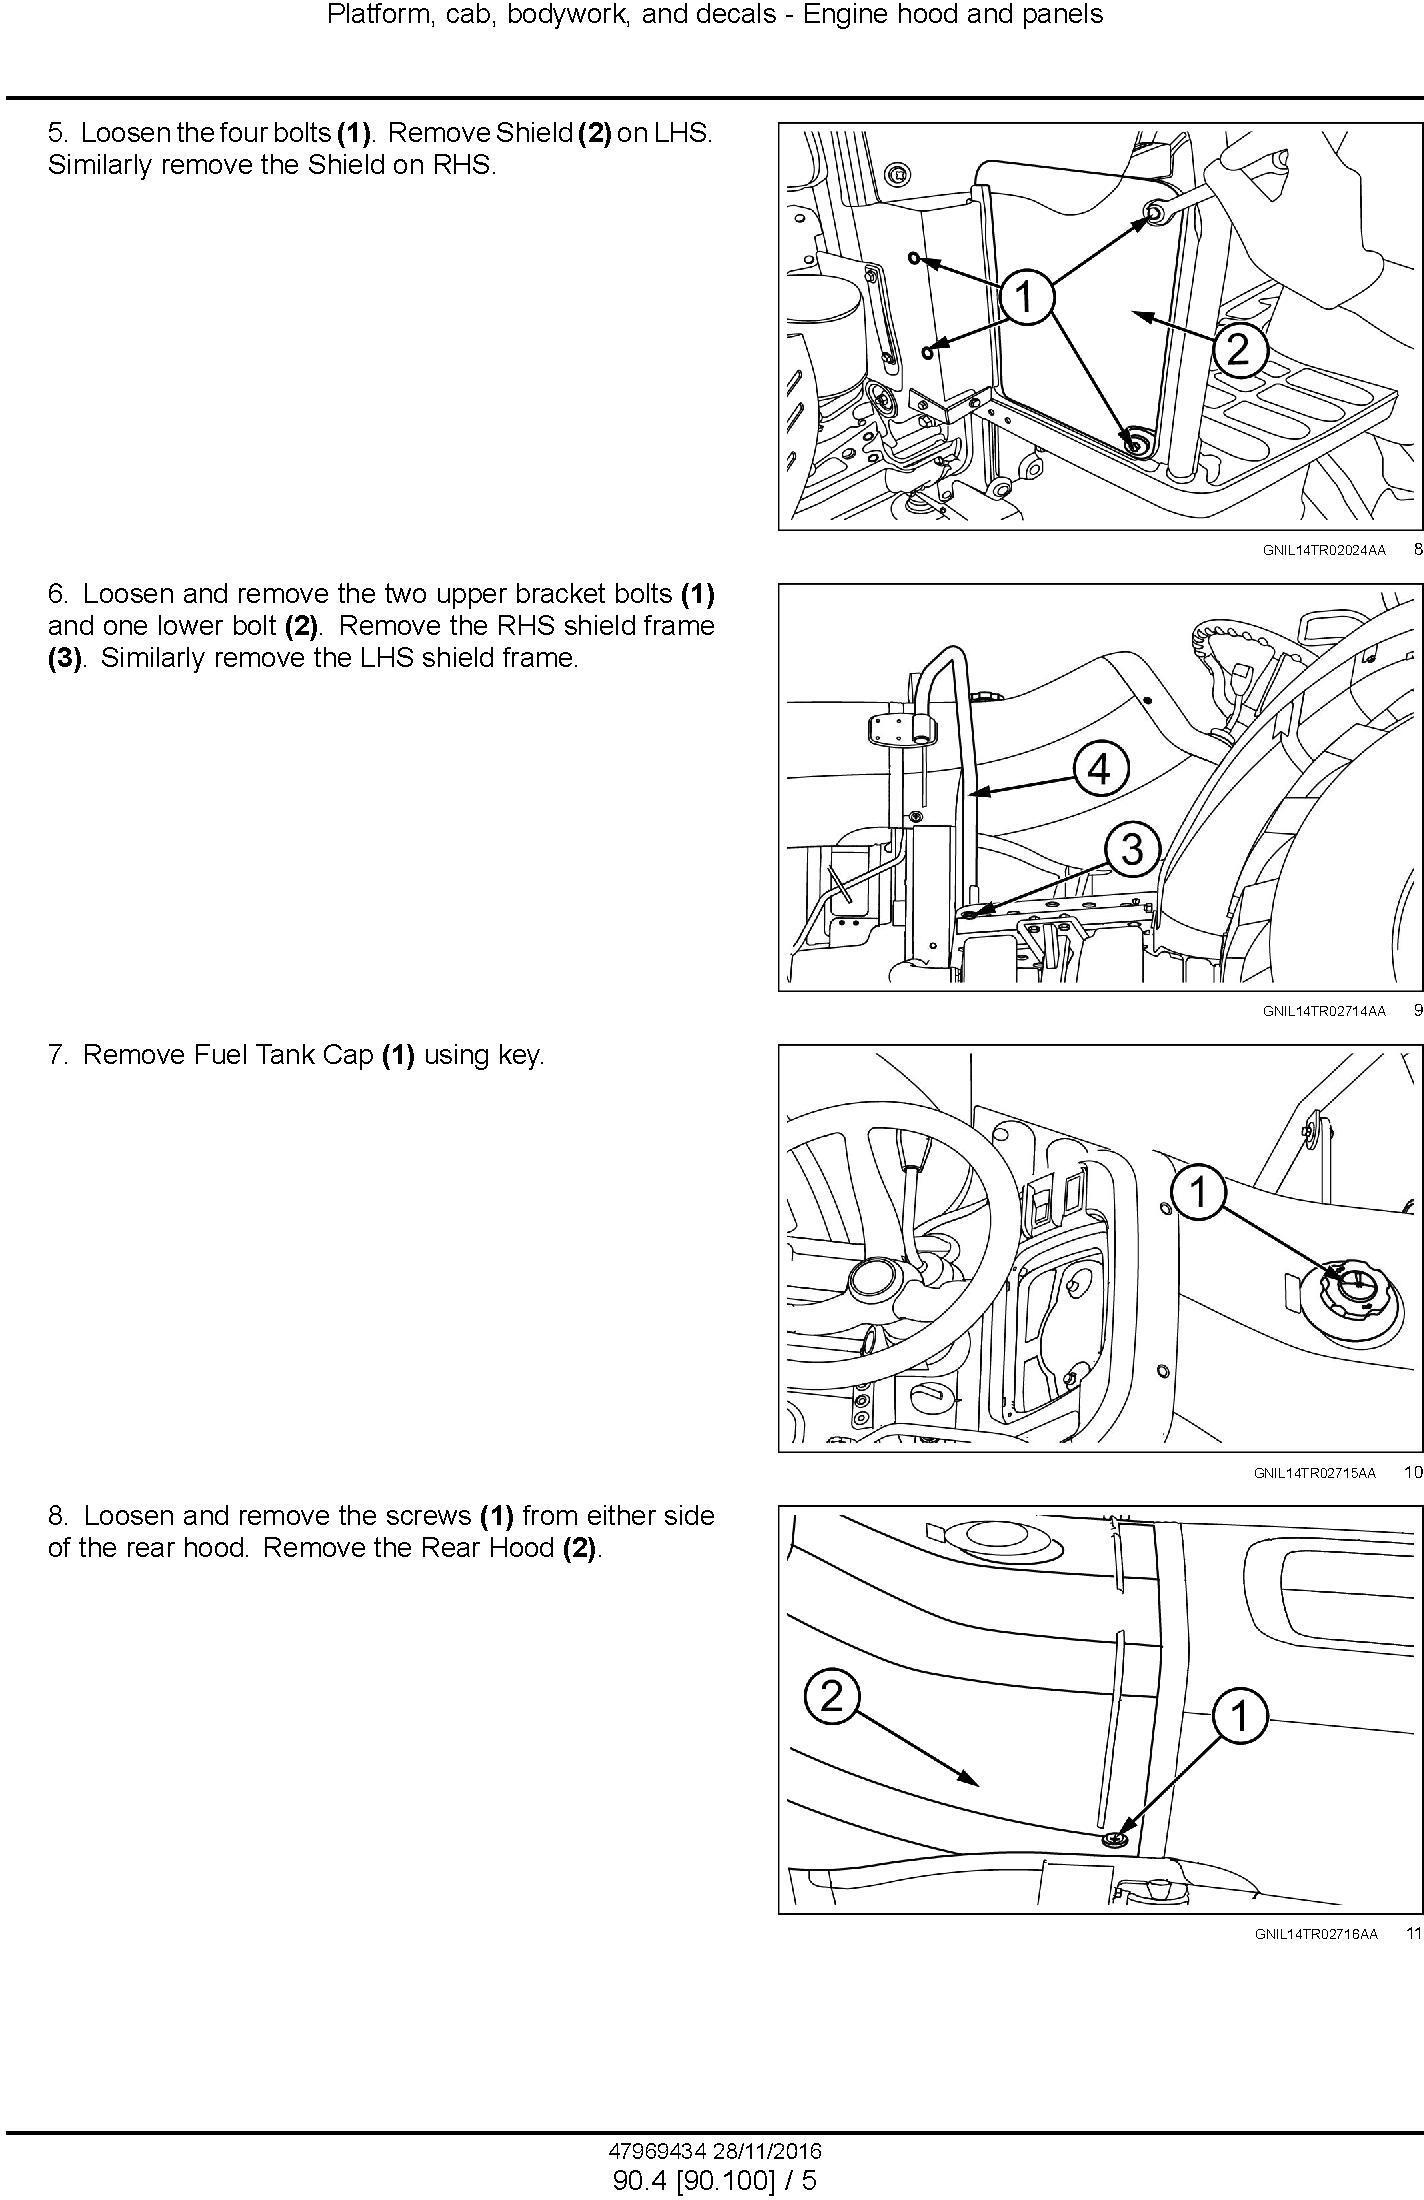 New Holland TT4.55, TT4.65, TT4.75 Tier 3 Tractor Service Manual - 2